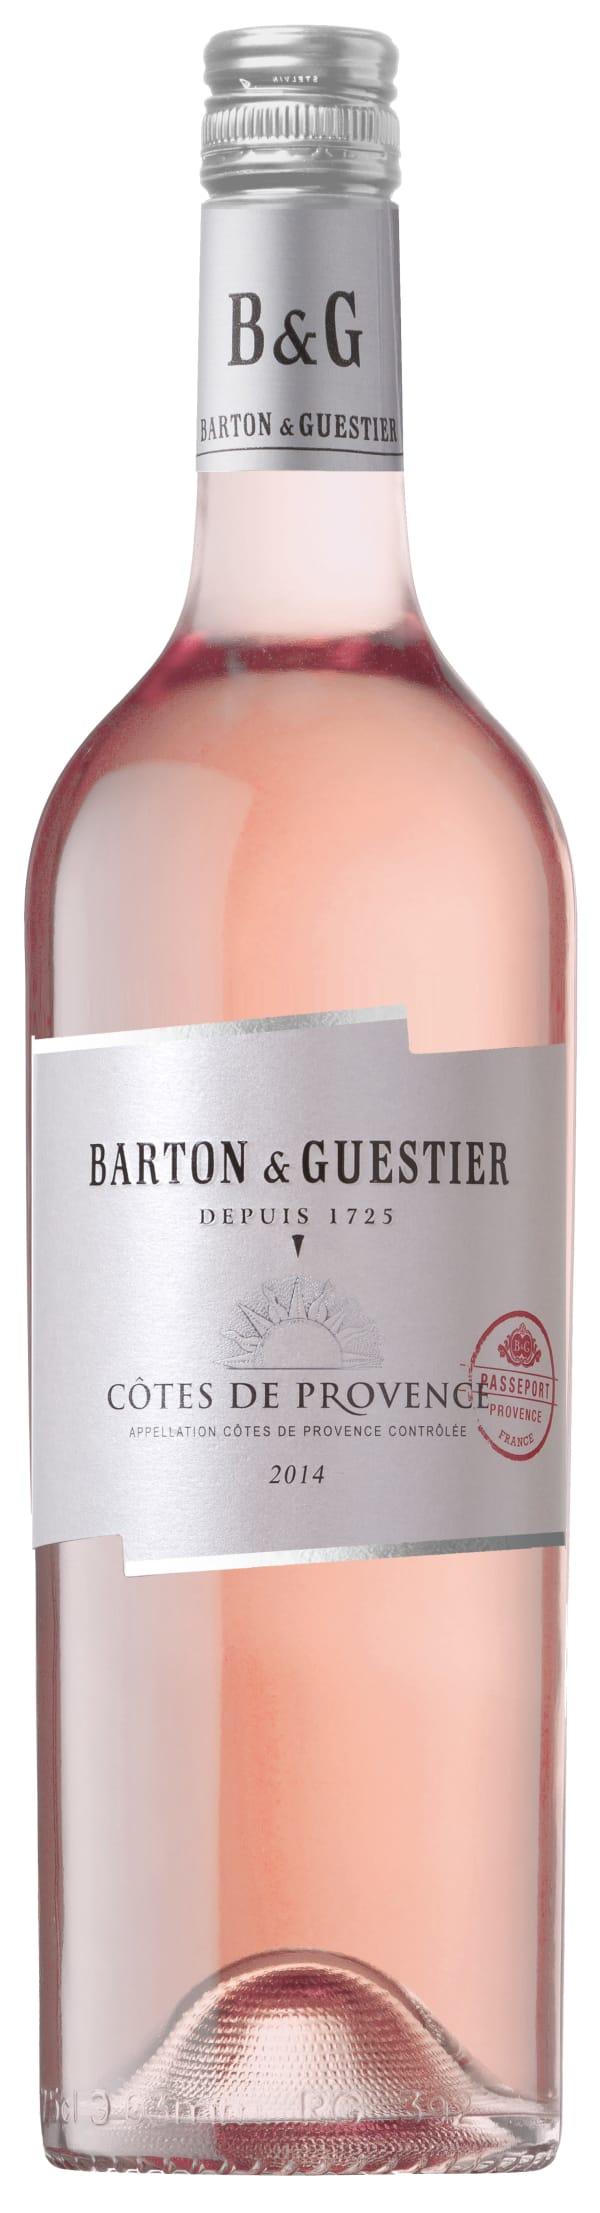 Barton & Guestier Rosé 2017